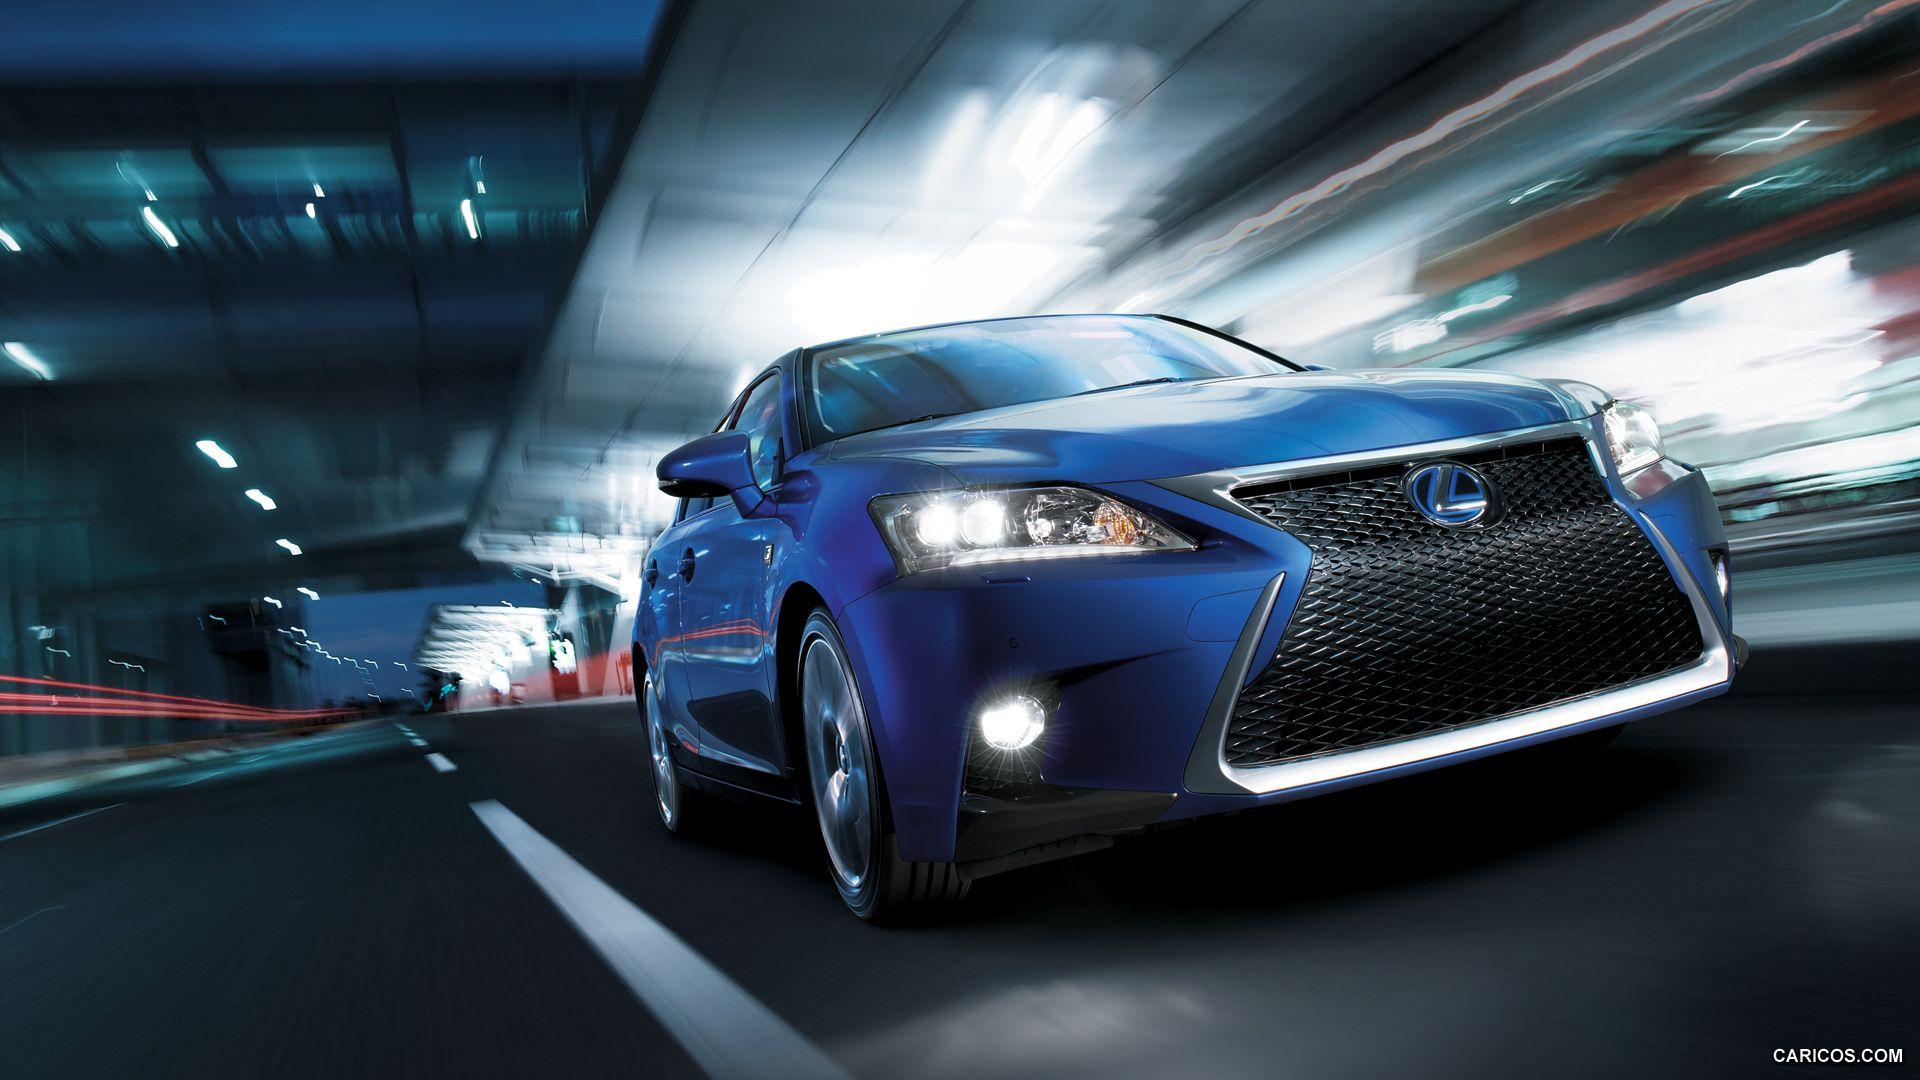 Description Hybrid Car Lexus Lexus Dealership